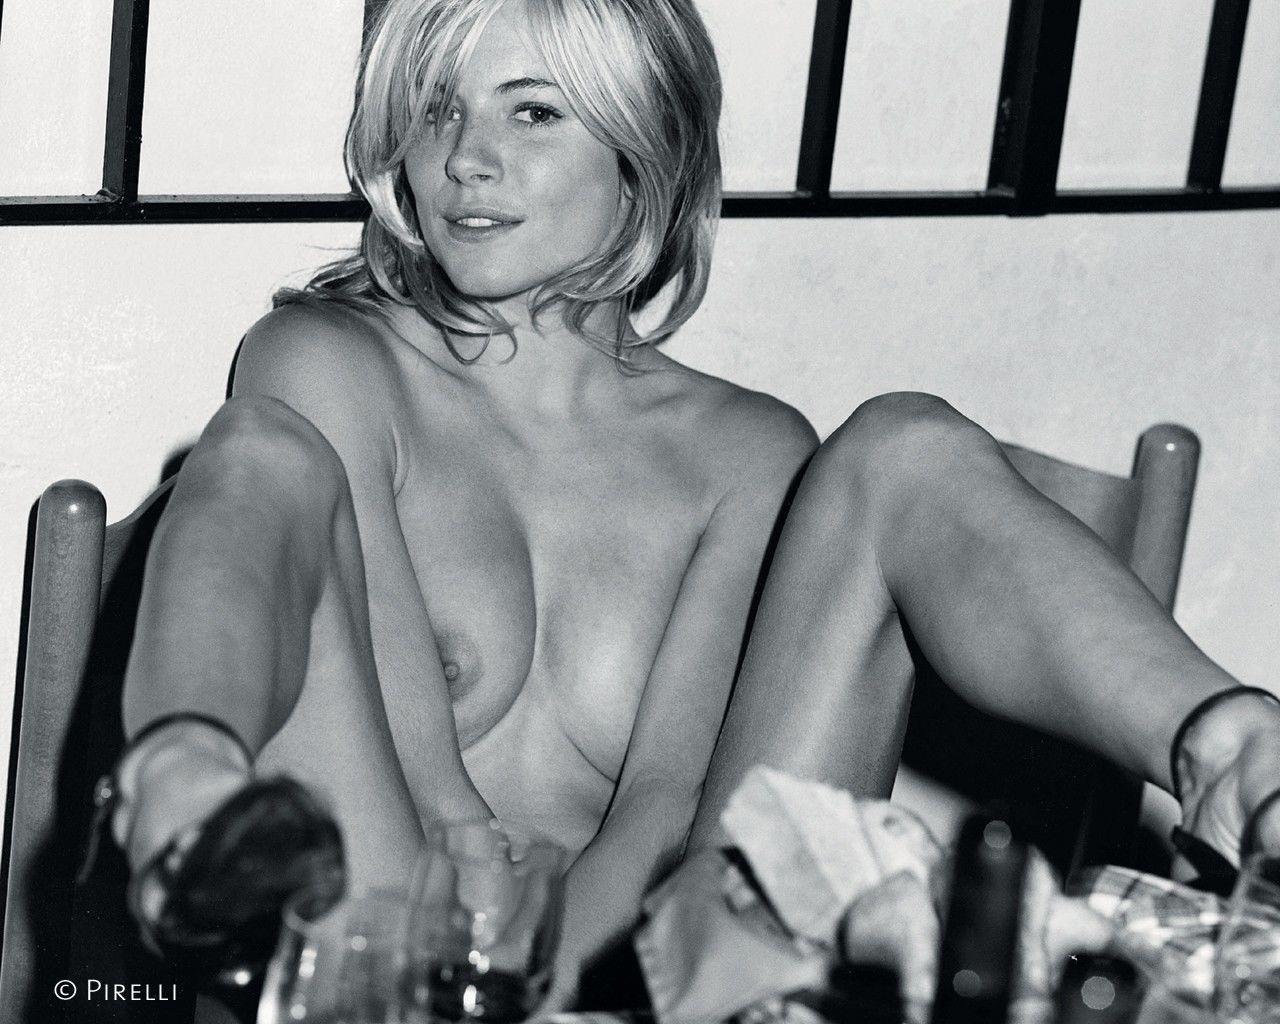 Сиенна миллер порно 18 фотография